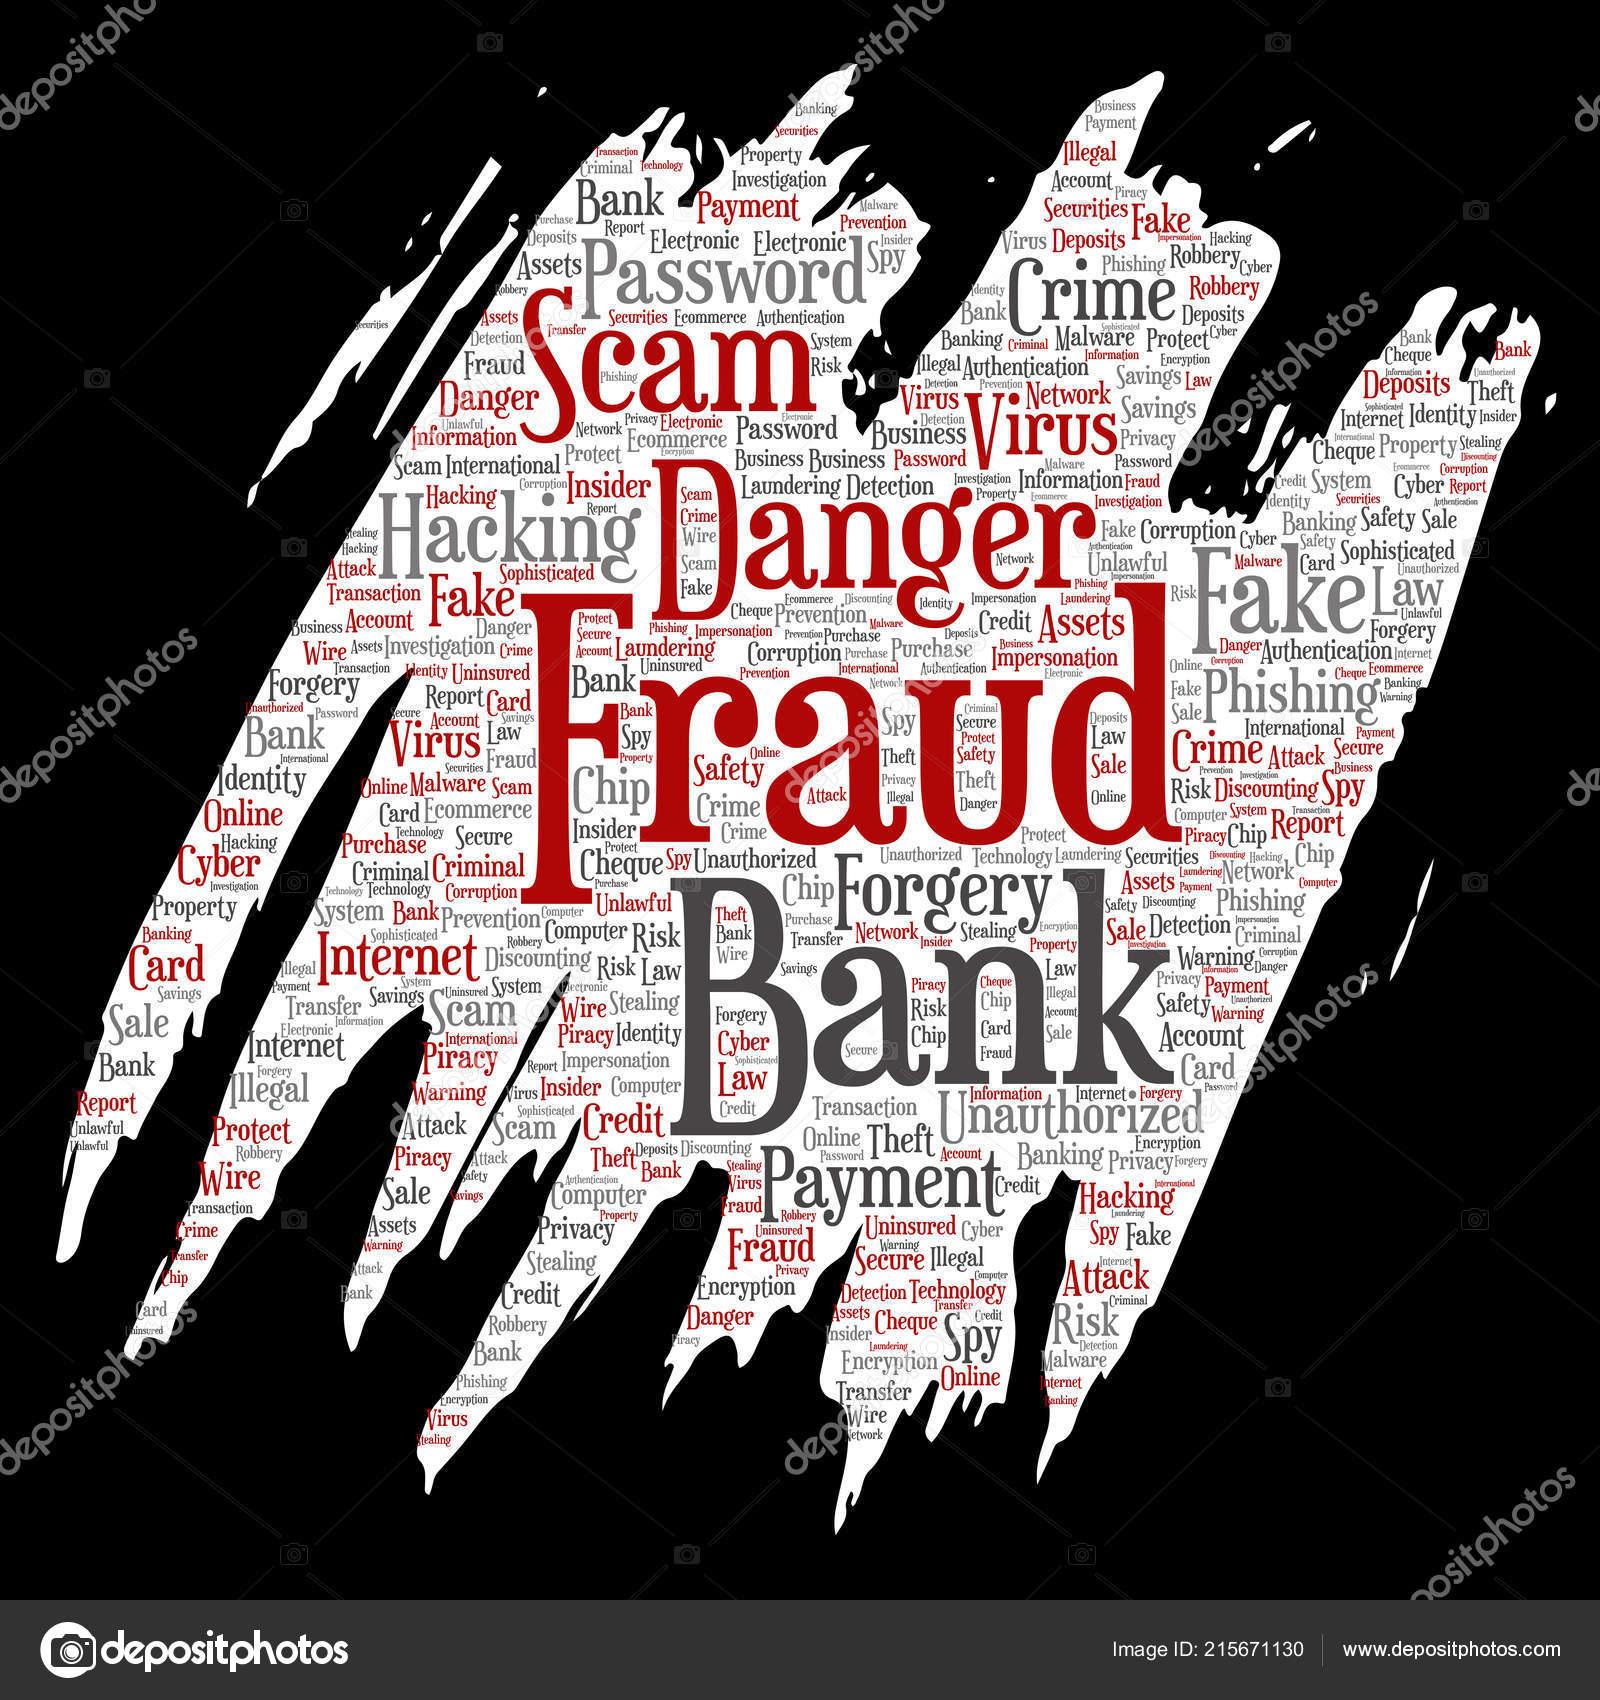 Volné pro. Předcházení Podvodům, Podvod, Korupce.